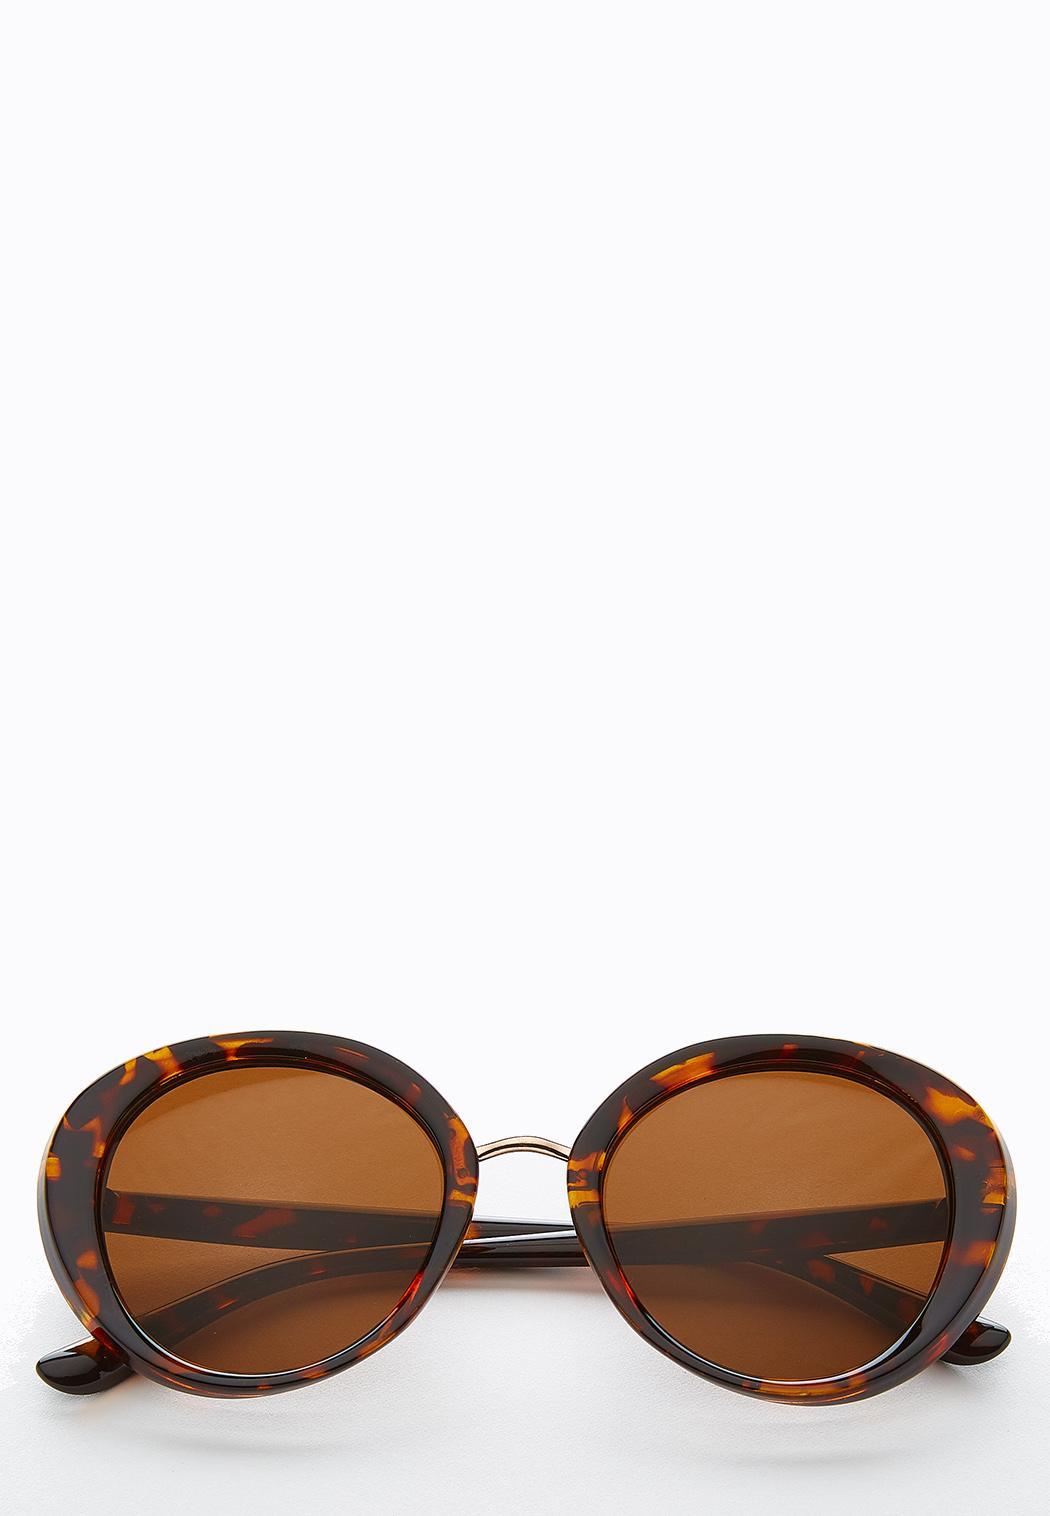 Capetown Round Tort Sunglasses